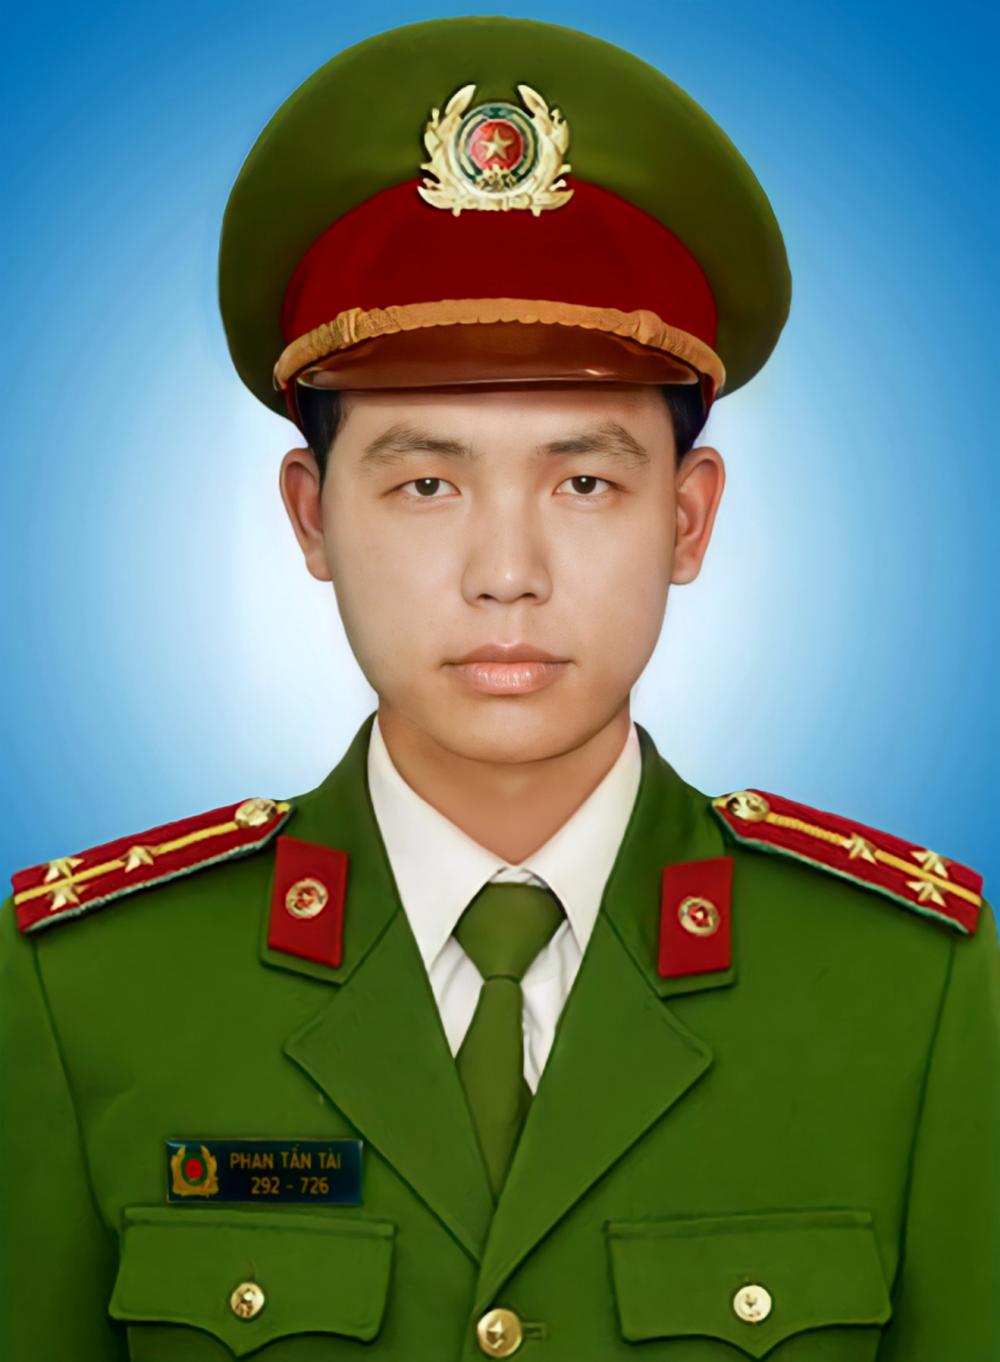 Đề nghị truy tặng huân chương cho thượng úy công an hy sinh tại TP.HCM - Ảnh 1.